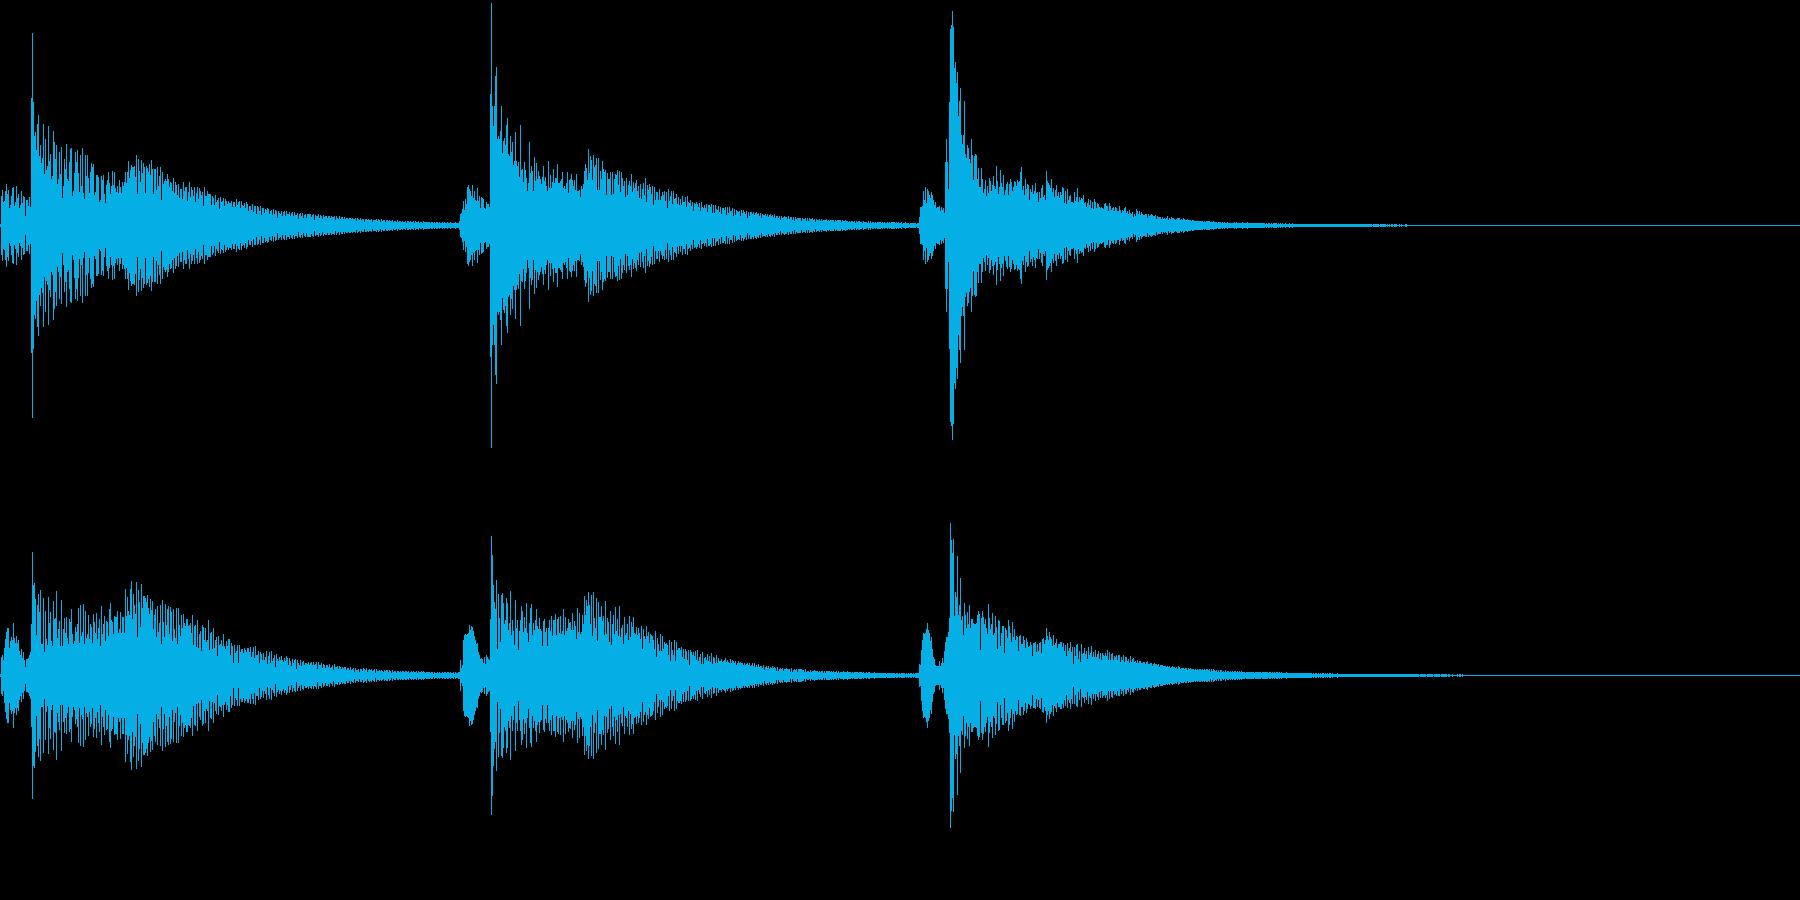 Kawaii メルヘンな受信・通知音 2の再生済みの波形